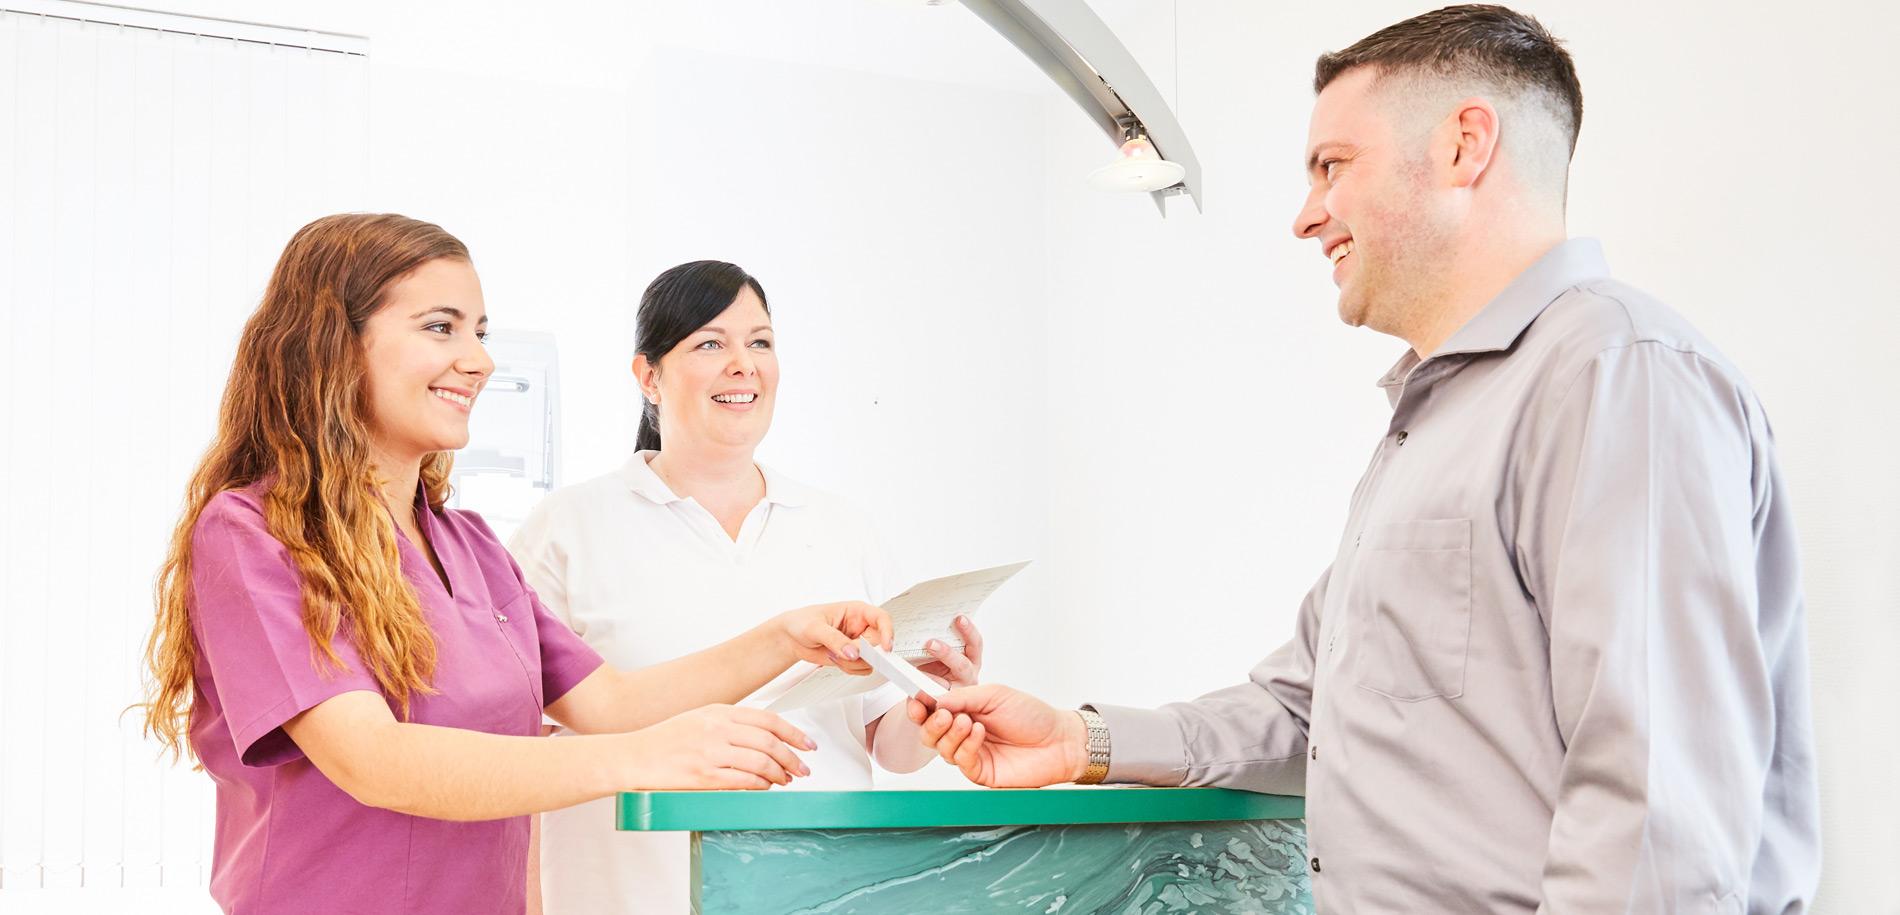 Zahnarztpraxis  Zahnrhein in Walluf - Freie Arztwahl 1